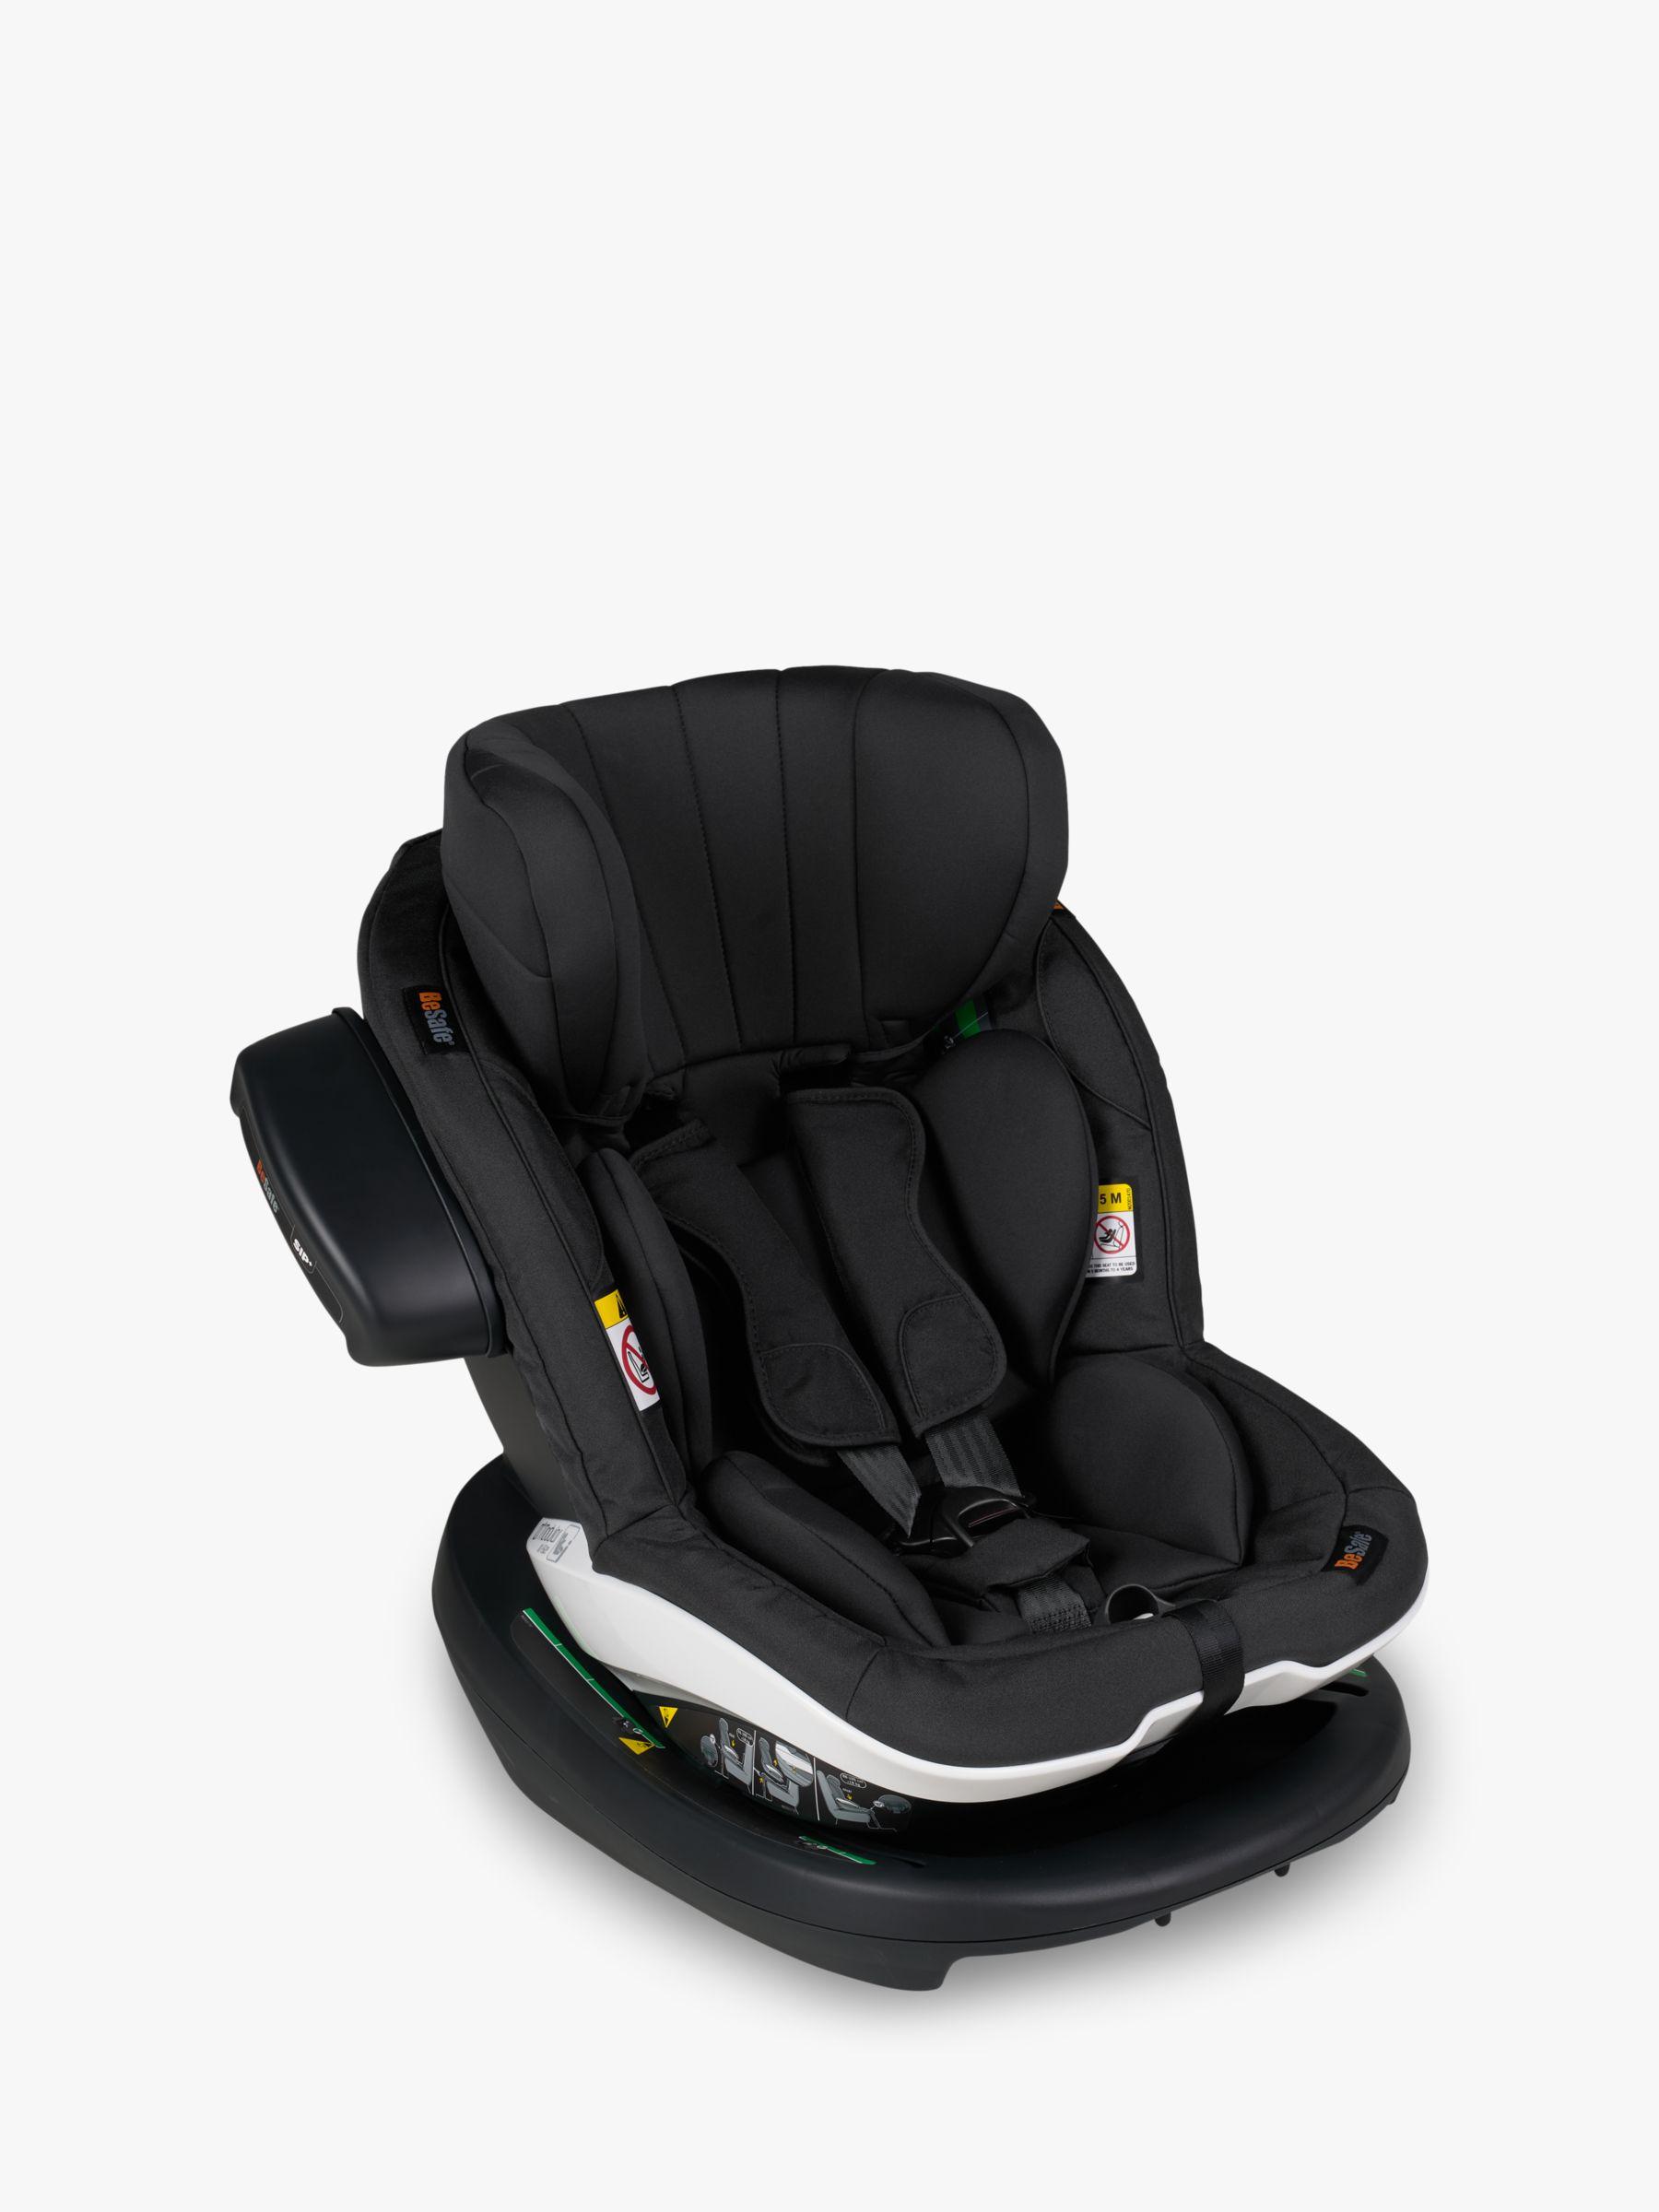 BeSafe BeSafe iZi Modular X1 i-Size Group 1 Car Seat, Black Cab